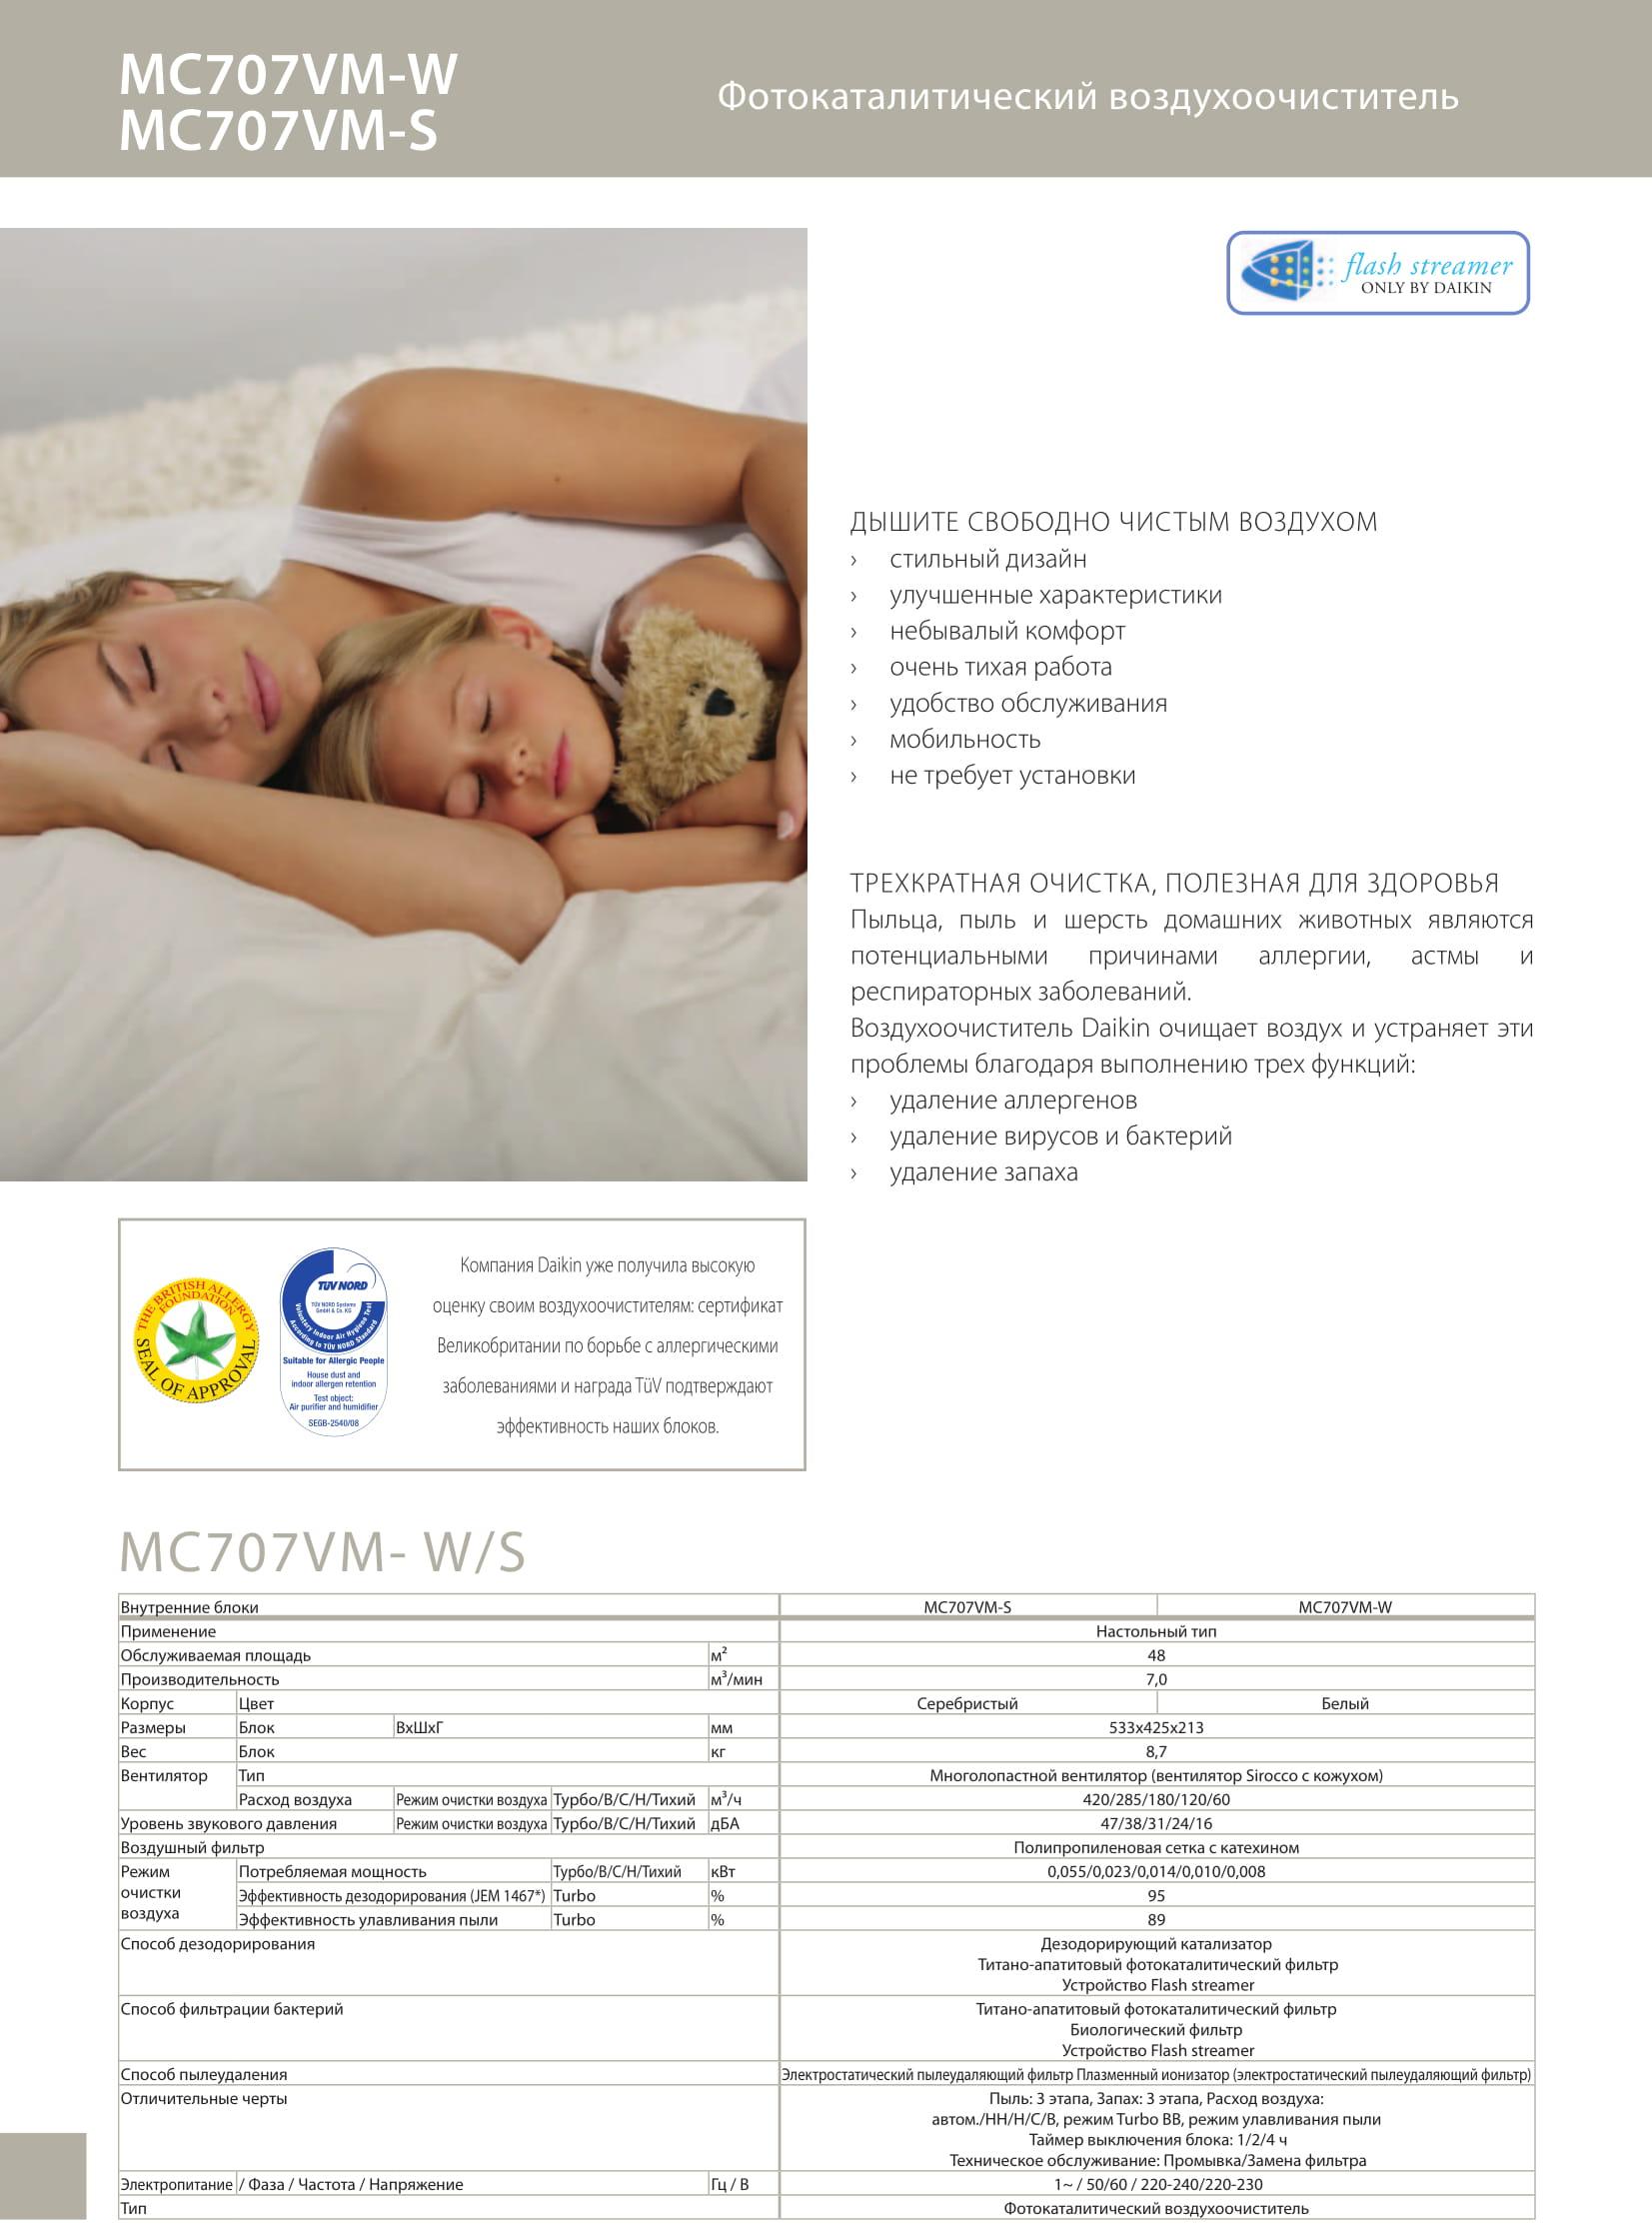 Фотокаталитический воздухоочиститель Daikin MC707VM-W/S